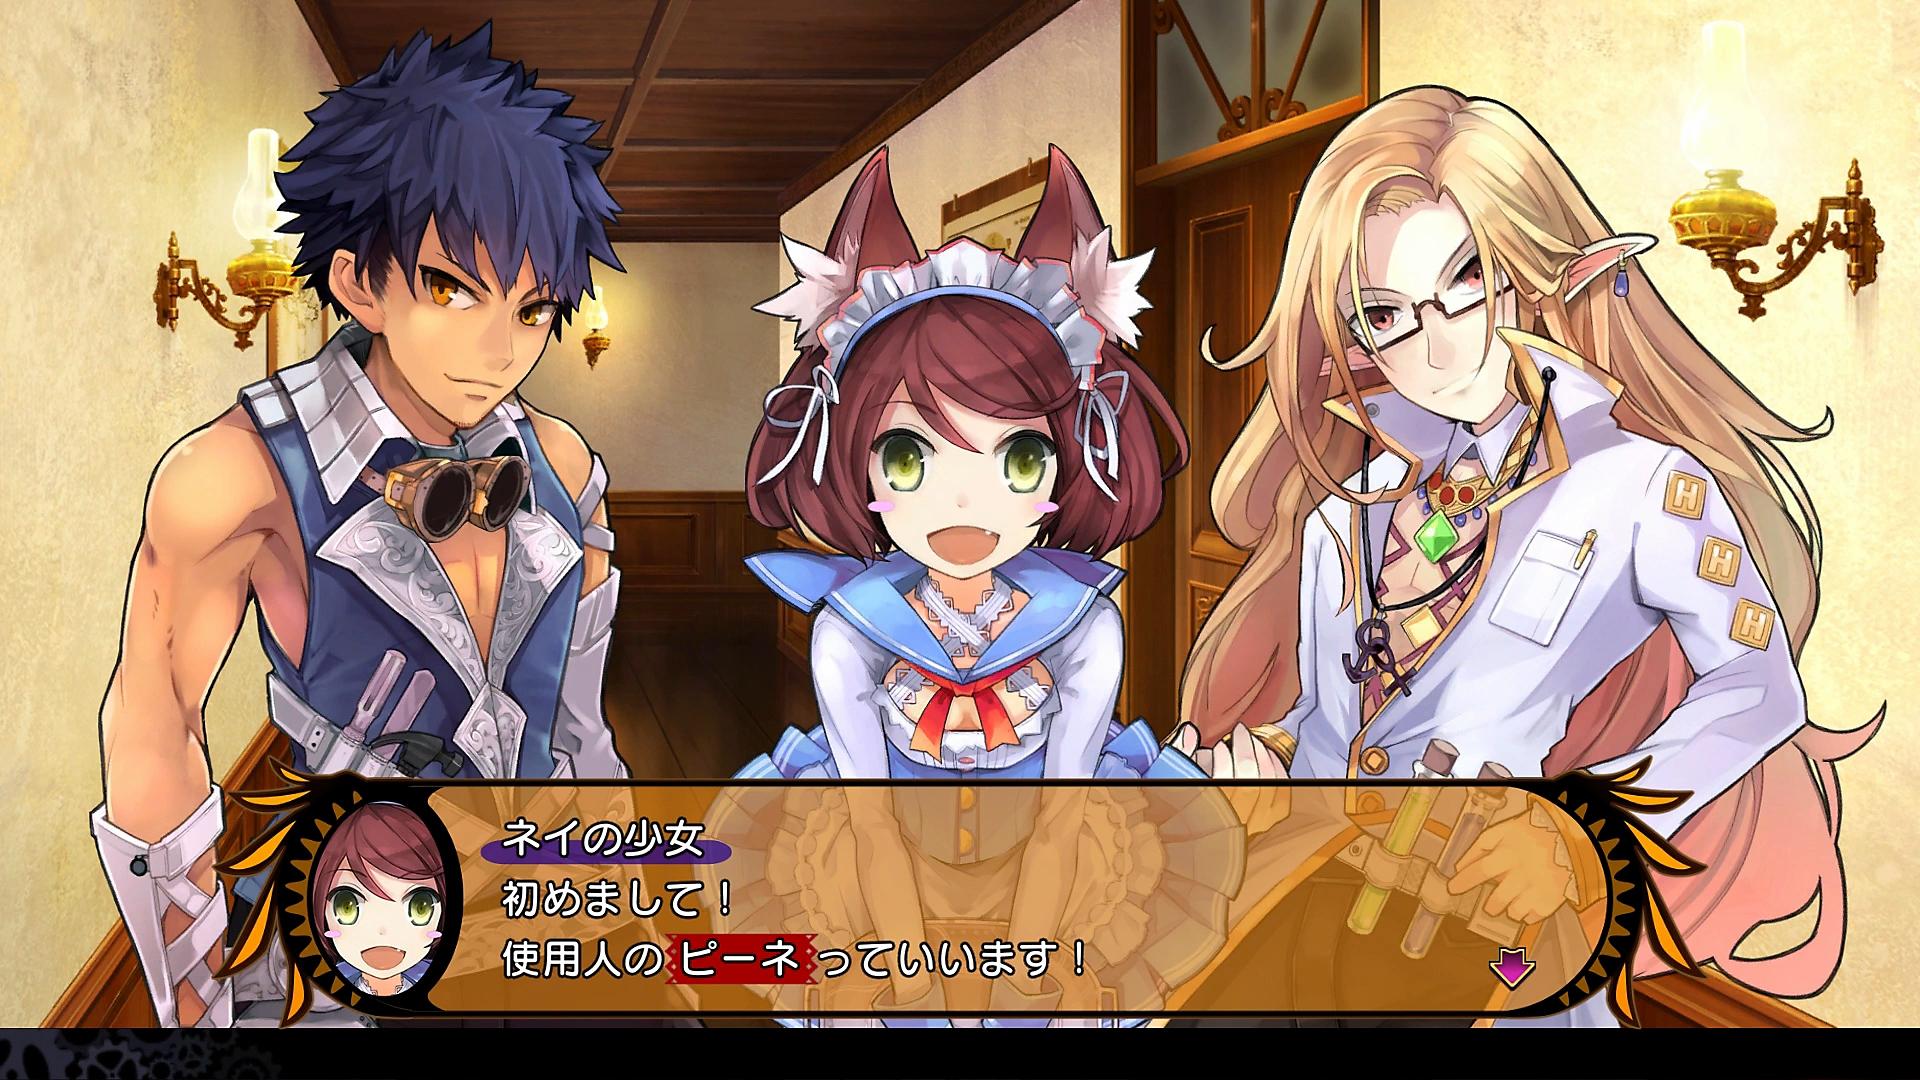 デモンゲイズ エクストラ - Gallery Screenshot 5